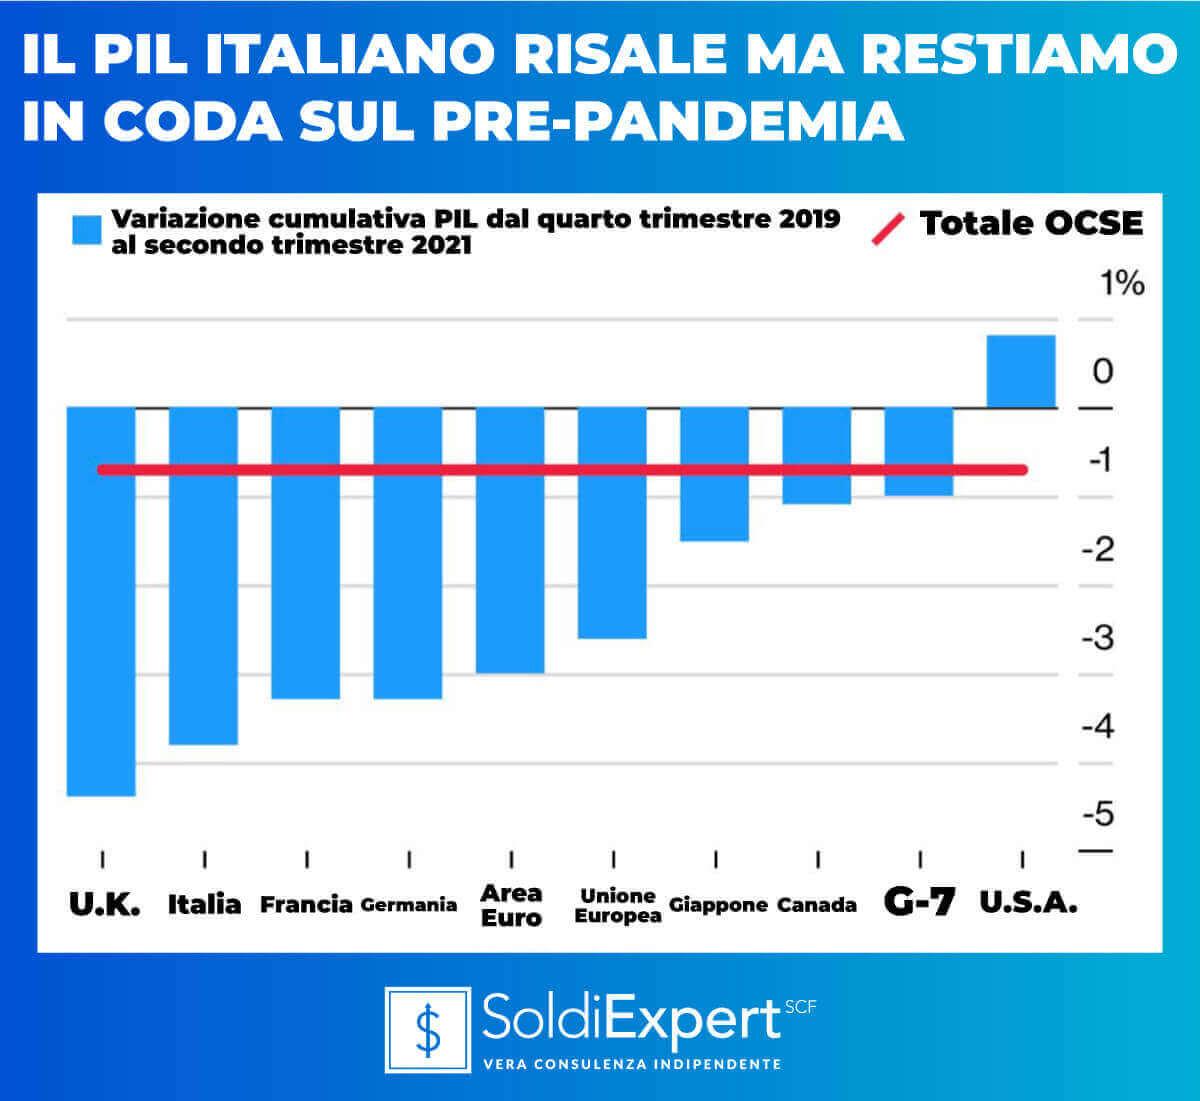 Il Pil italiano risale ma restiamo in cosa sul pre-pandemia